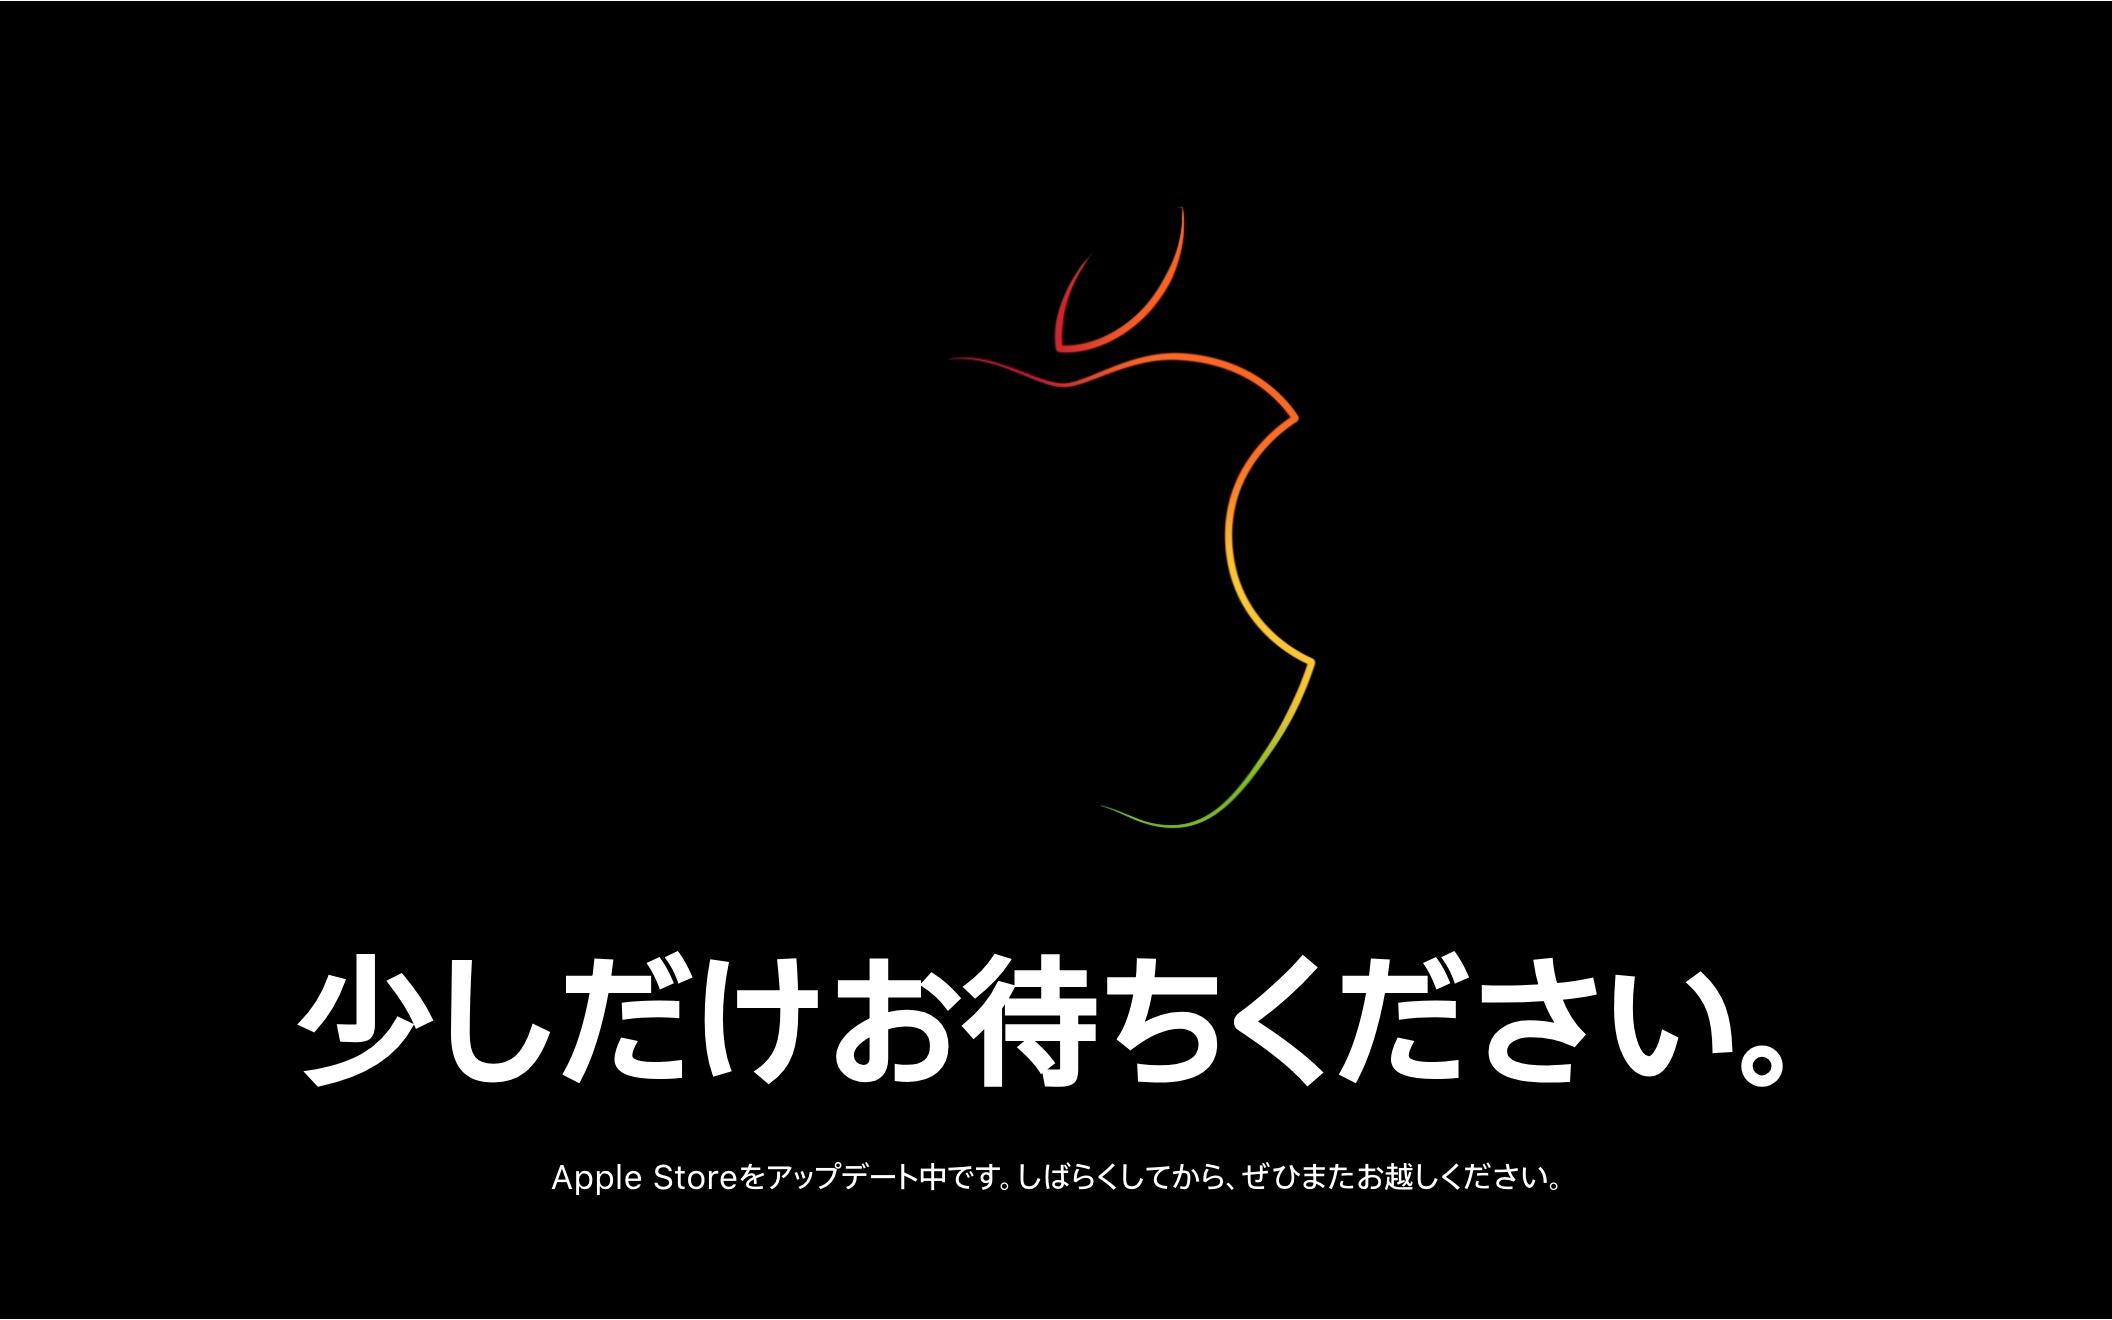 Apple公式サイトがメンテナンスモードに突入!イベント開始はもうすぐそこだっ!